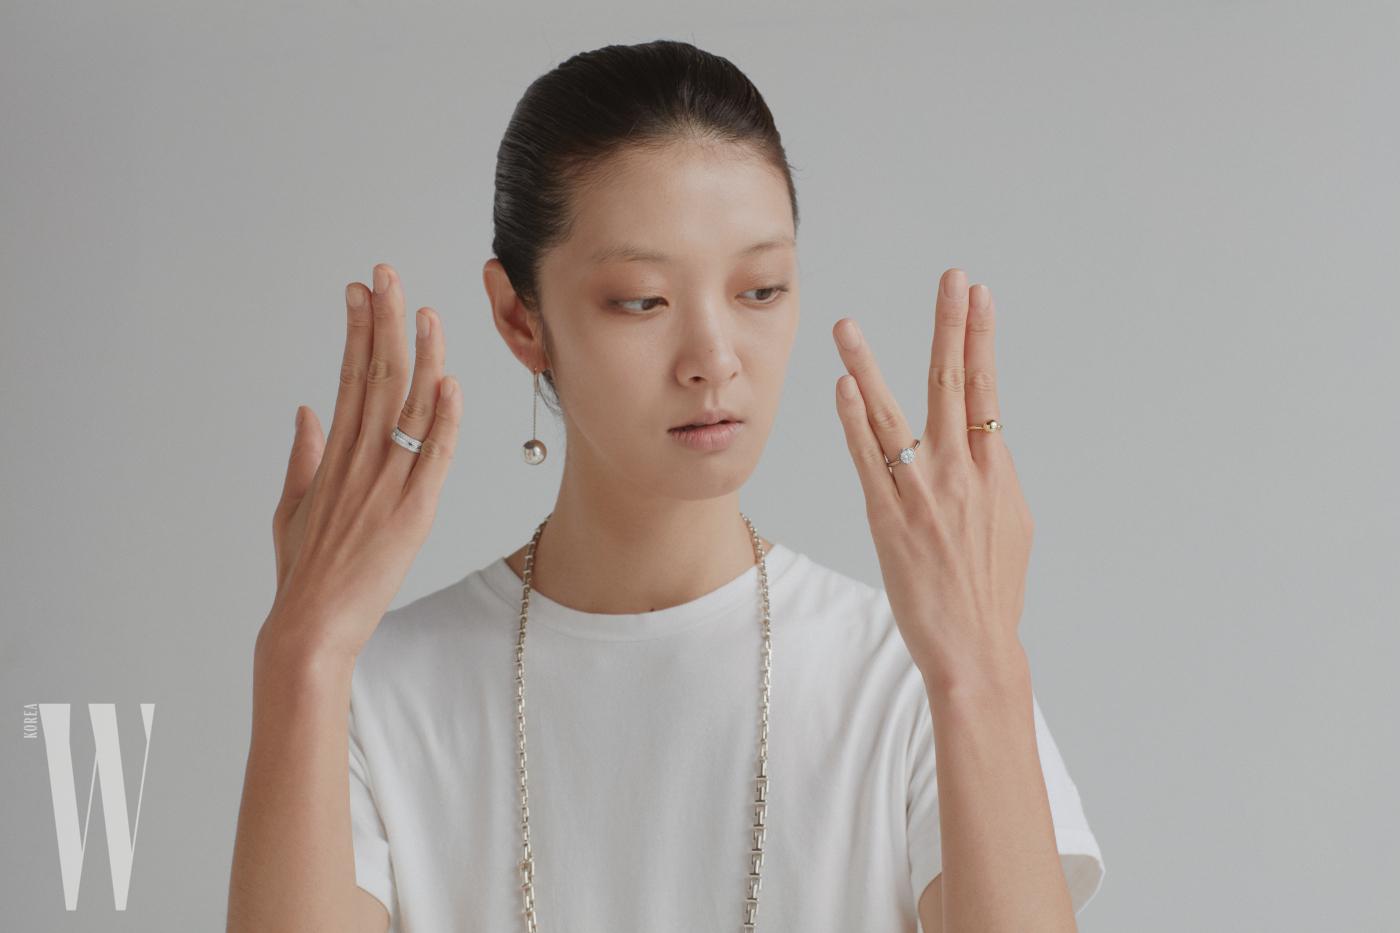 오른쪽 귀에만 싱글 이어링으로 착용한 하드웨어 비드 후크 이어링은 Tiffany & Co. 제품. 심플하고 견고한 디자인의 체인 네크리스는 Tiffany & Co. 제품. 오른손 약지에 착용한 화이트 골드 소재의 파베 다이아몬드 티 투 링은 Tiffany & Co. 제품. 왼손 검지에 착용한 옐로 골드 미니 사이즈 하드웨어 볼 링은 Tiffany & Co. 제품. 왼손 약지에 착용한 플래티넘 소재의 카멜리아 다이아몬드 링은 Chanel Fine Jewelry & Watch 제품.